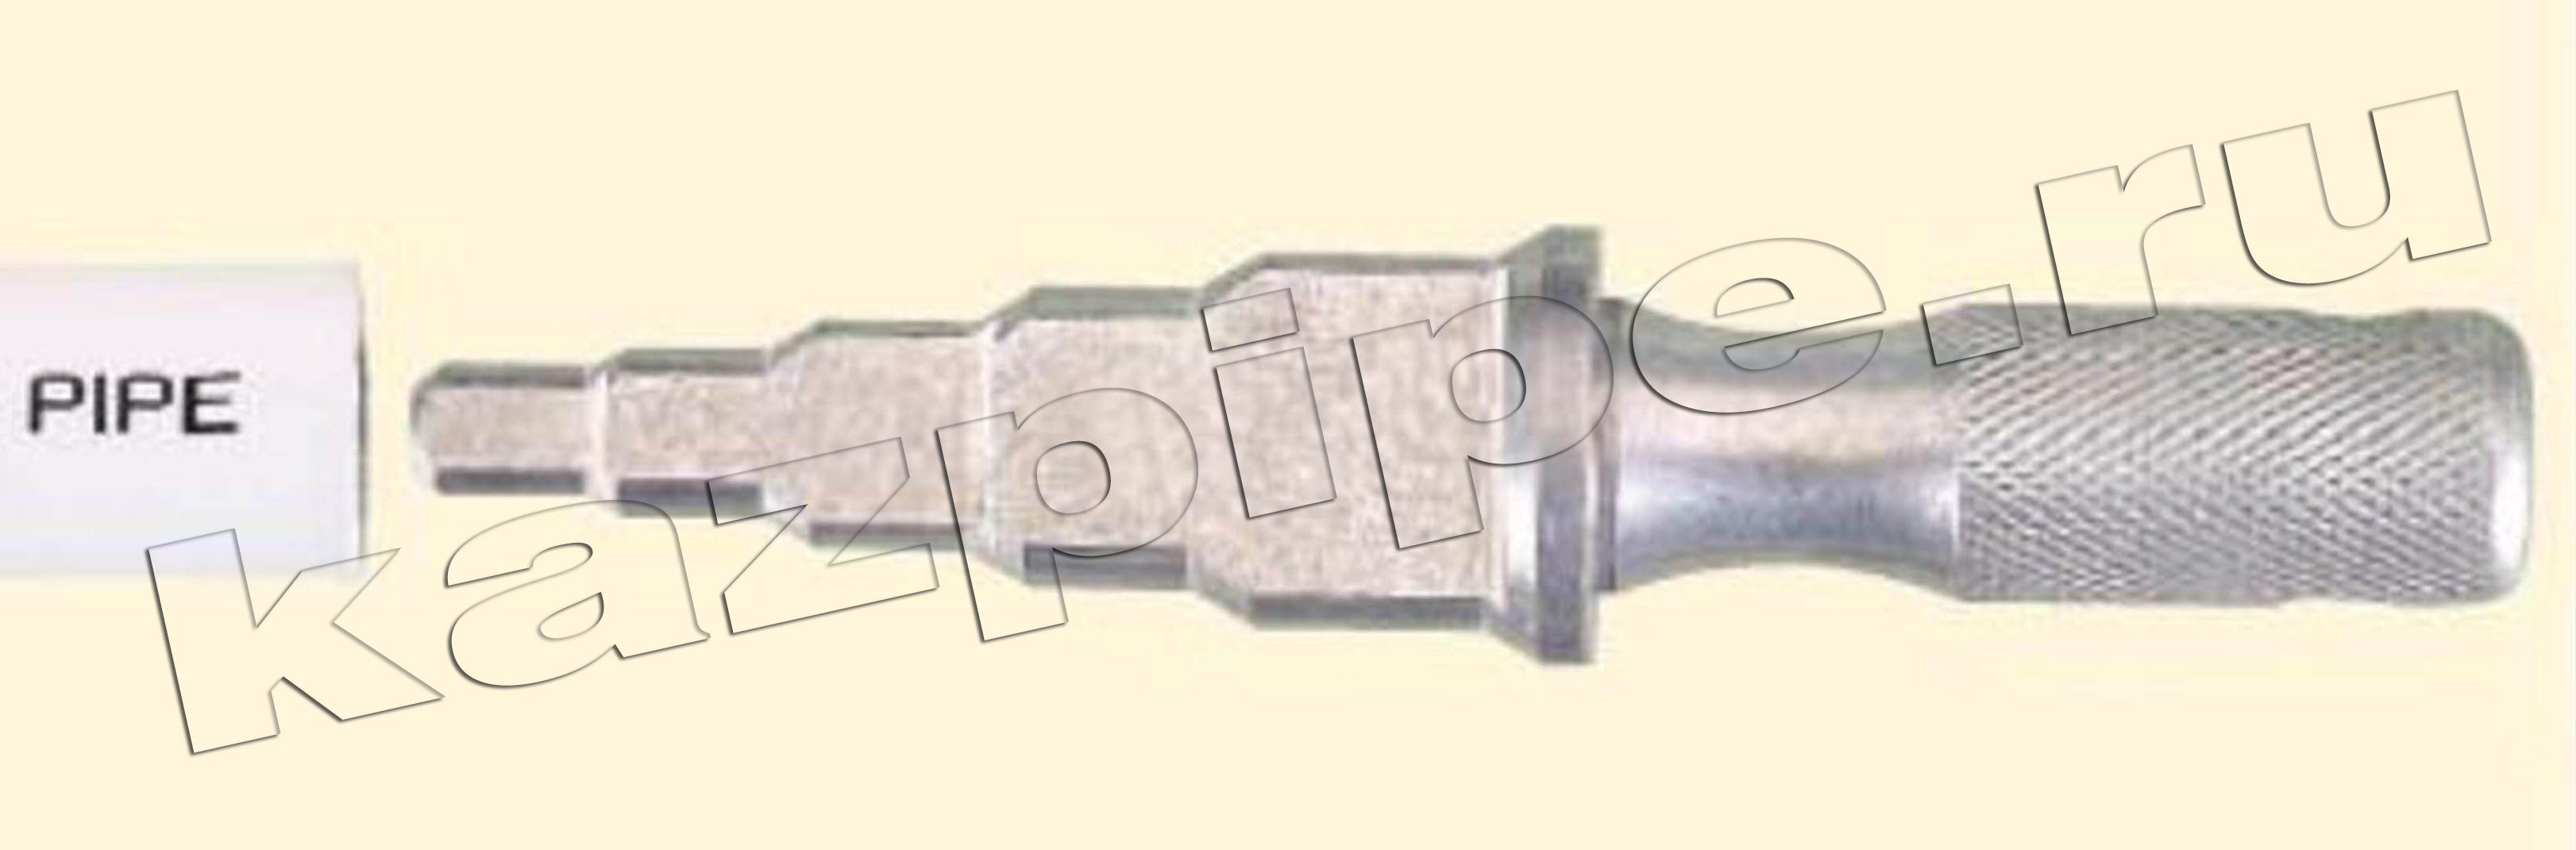 монтаж металлопластиковых труб и фитингов